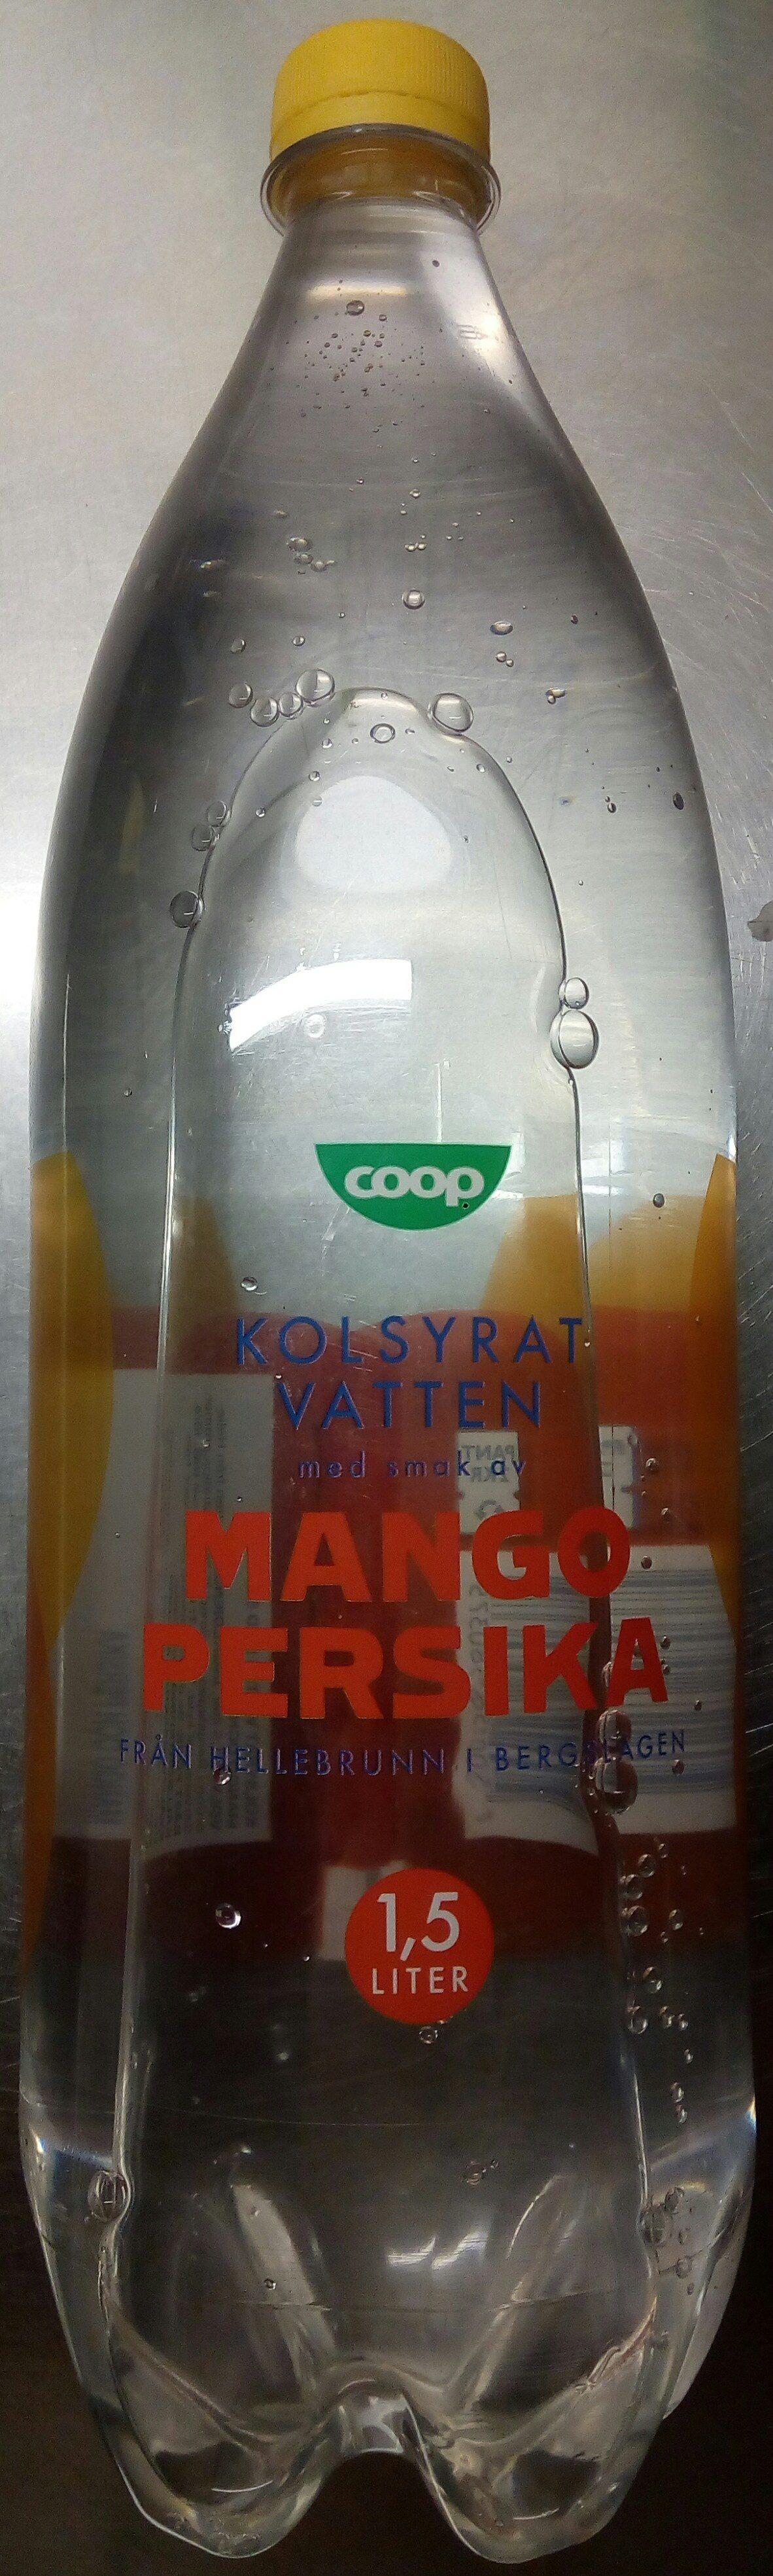 Coop Kolsyrat vatten med smak av Mango och Persika - Produit - sv